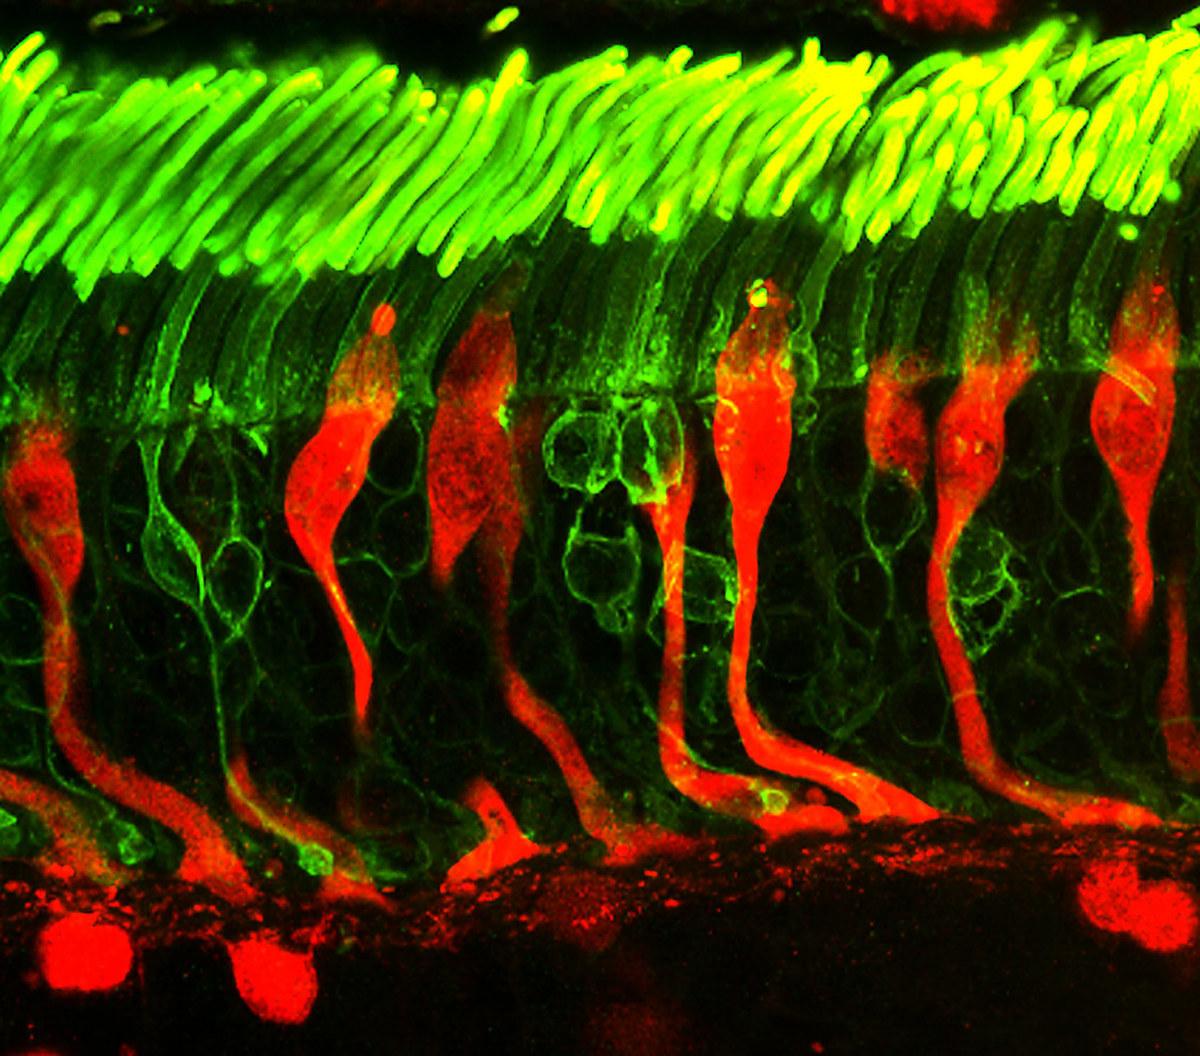 特殊染色方法顯示人眼睛視網膜中的視覺細胞的結構特點。人體的其它部位也存在很多可以感受光線的細胞。(flickr)